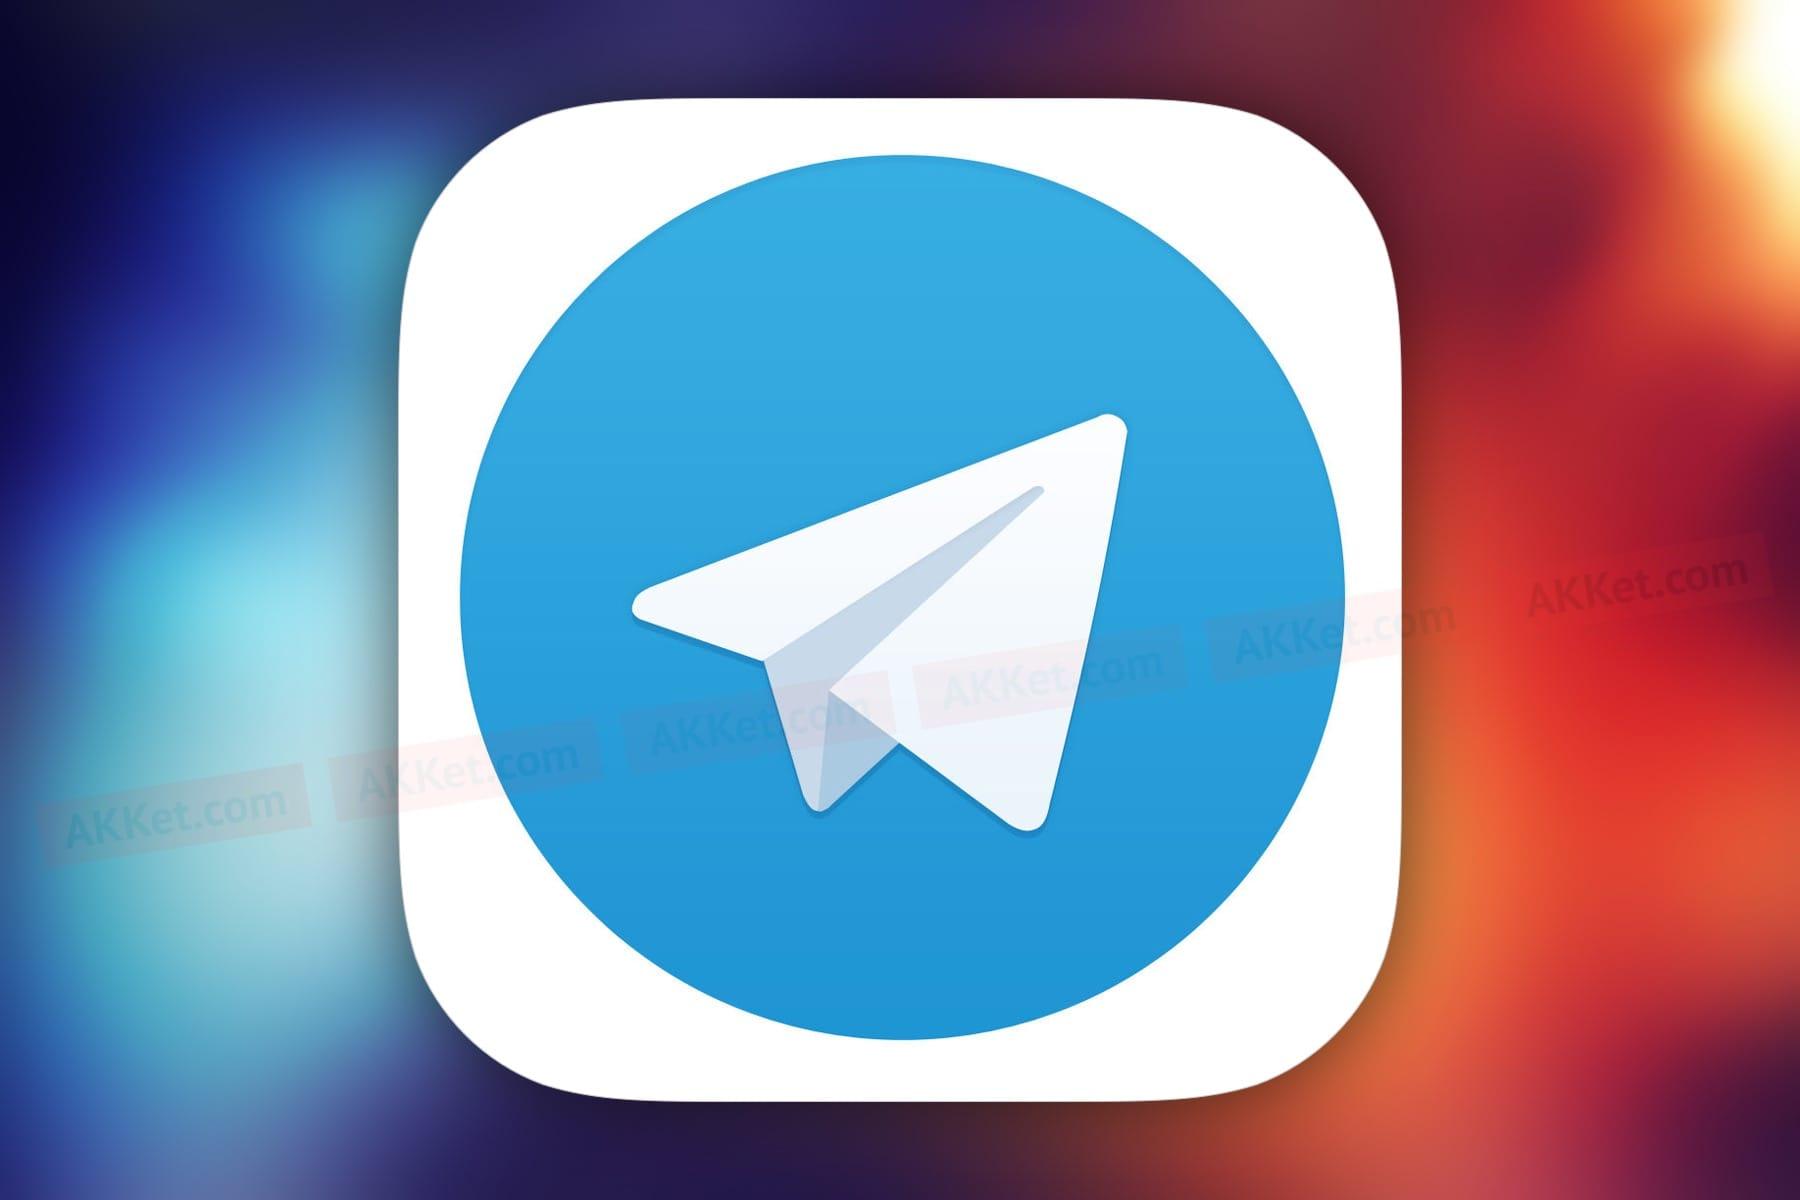 Павел Дуров поведал о 3-х больших обновлениях Telegram'а вначале года